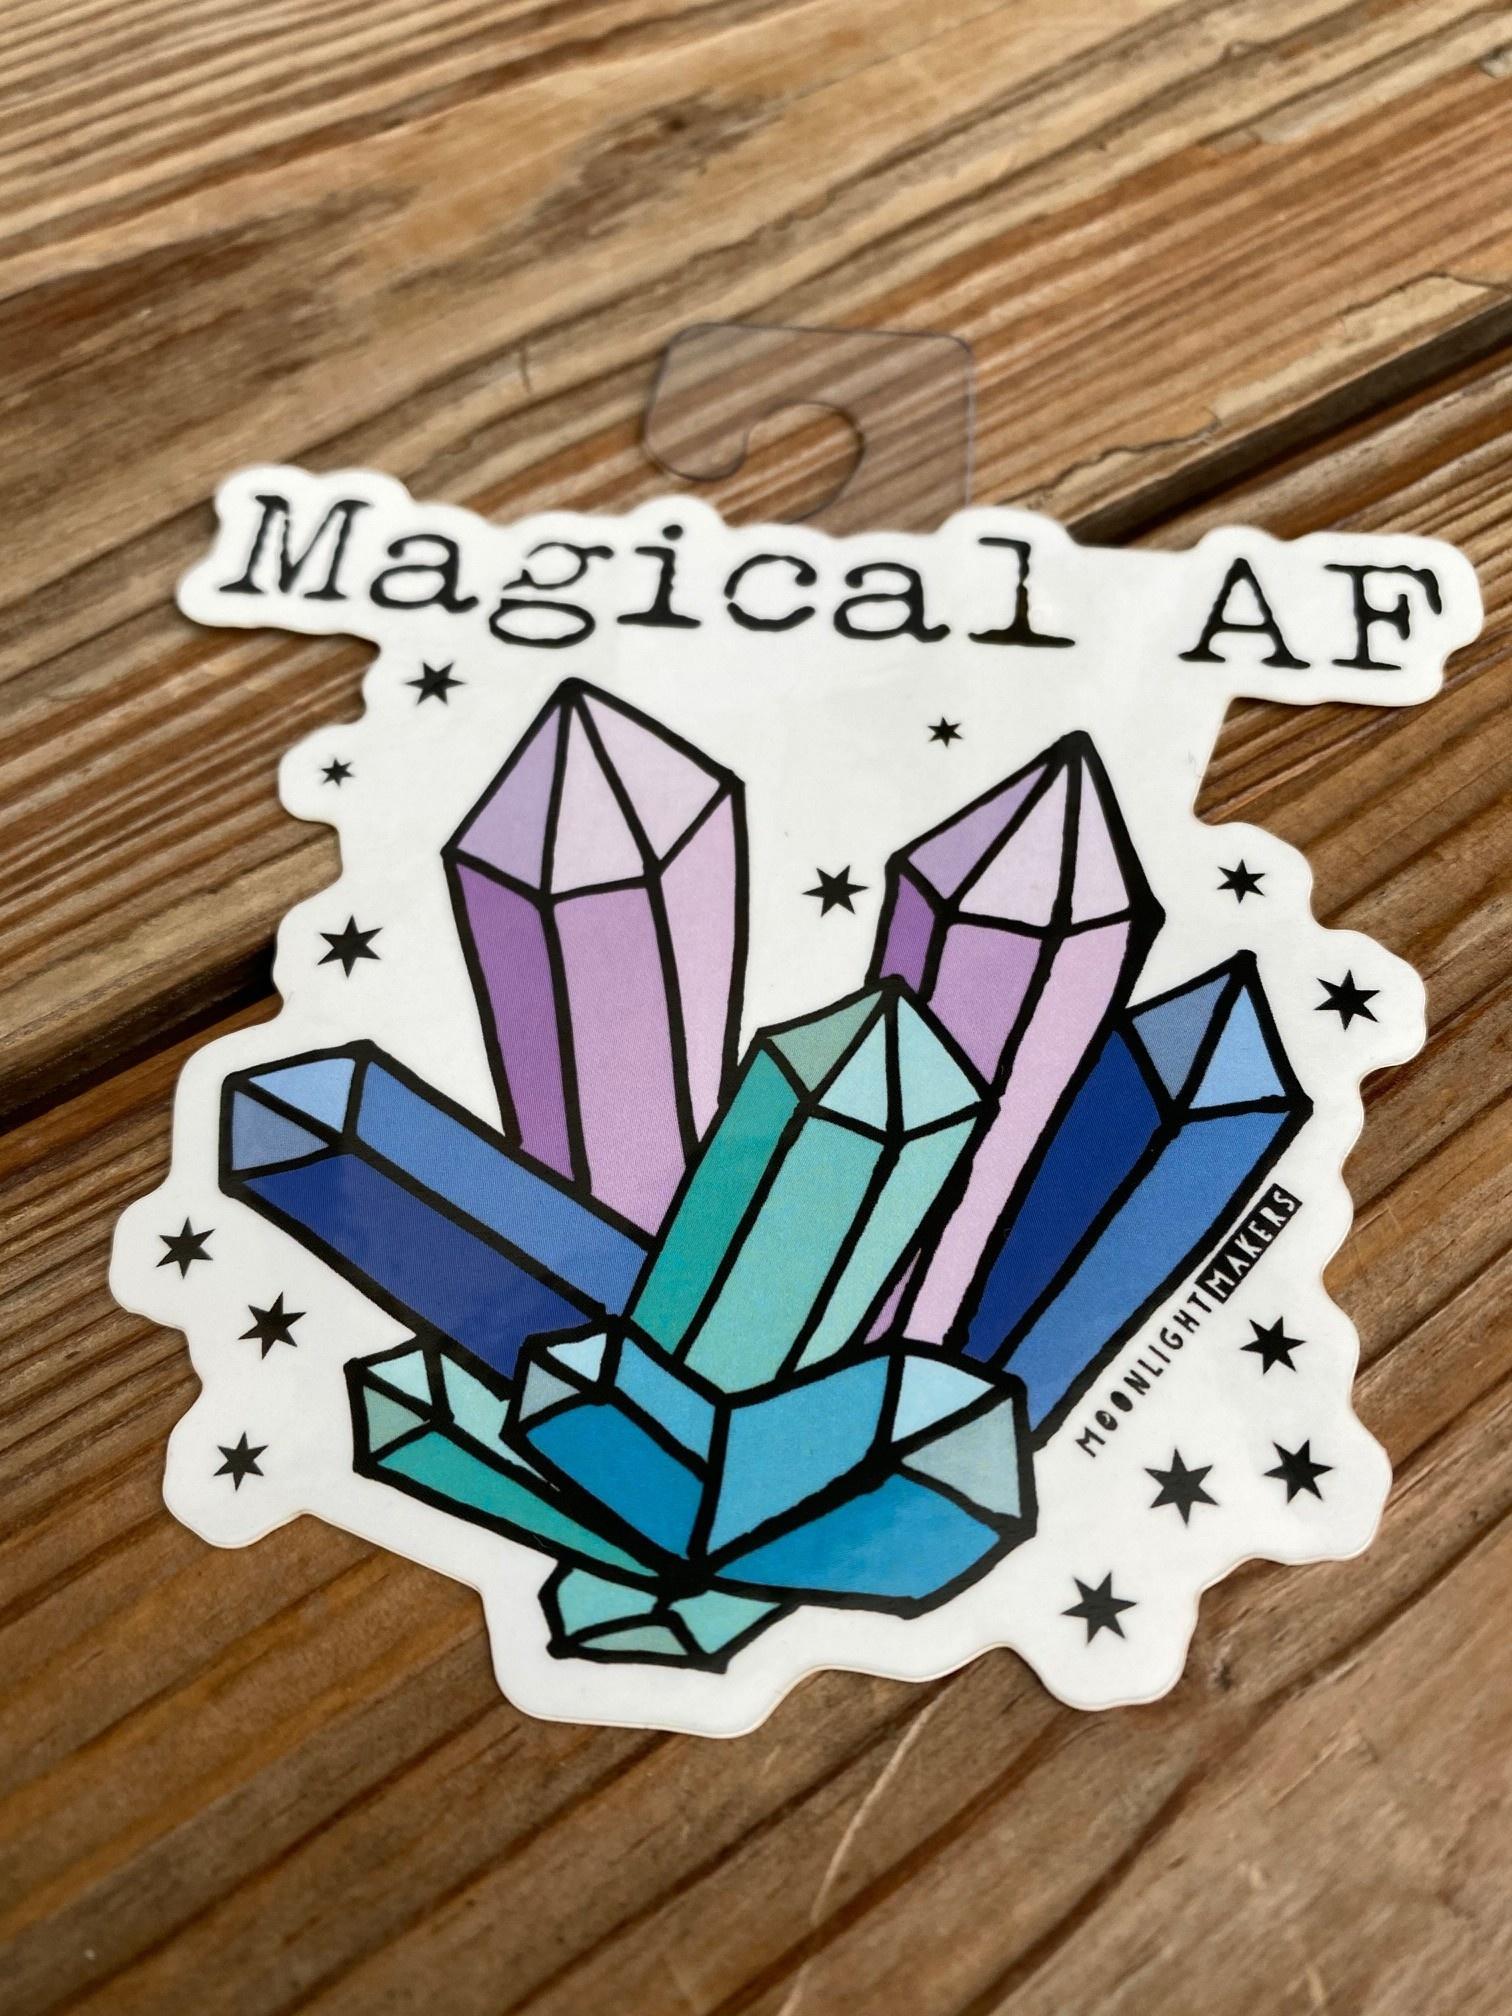 Moonlight Makers Magical AF Crystal Sticker